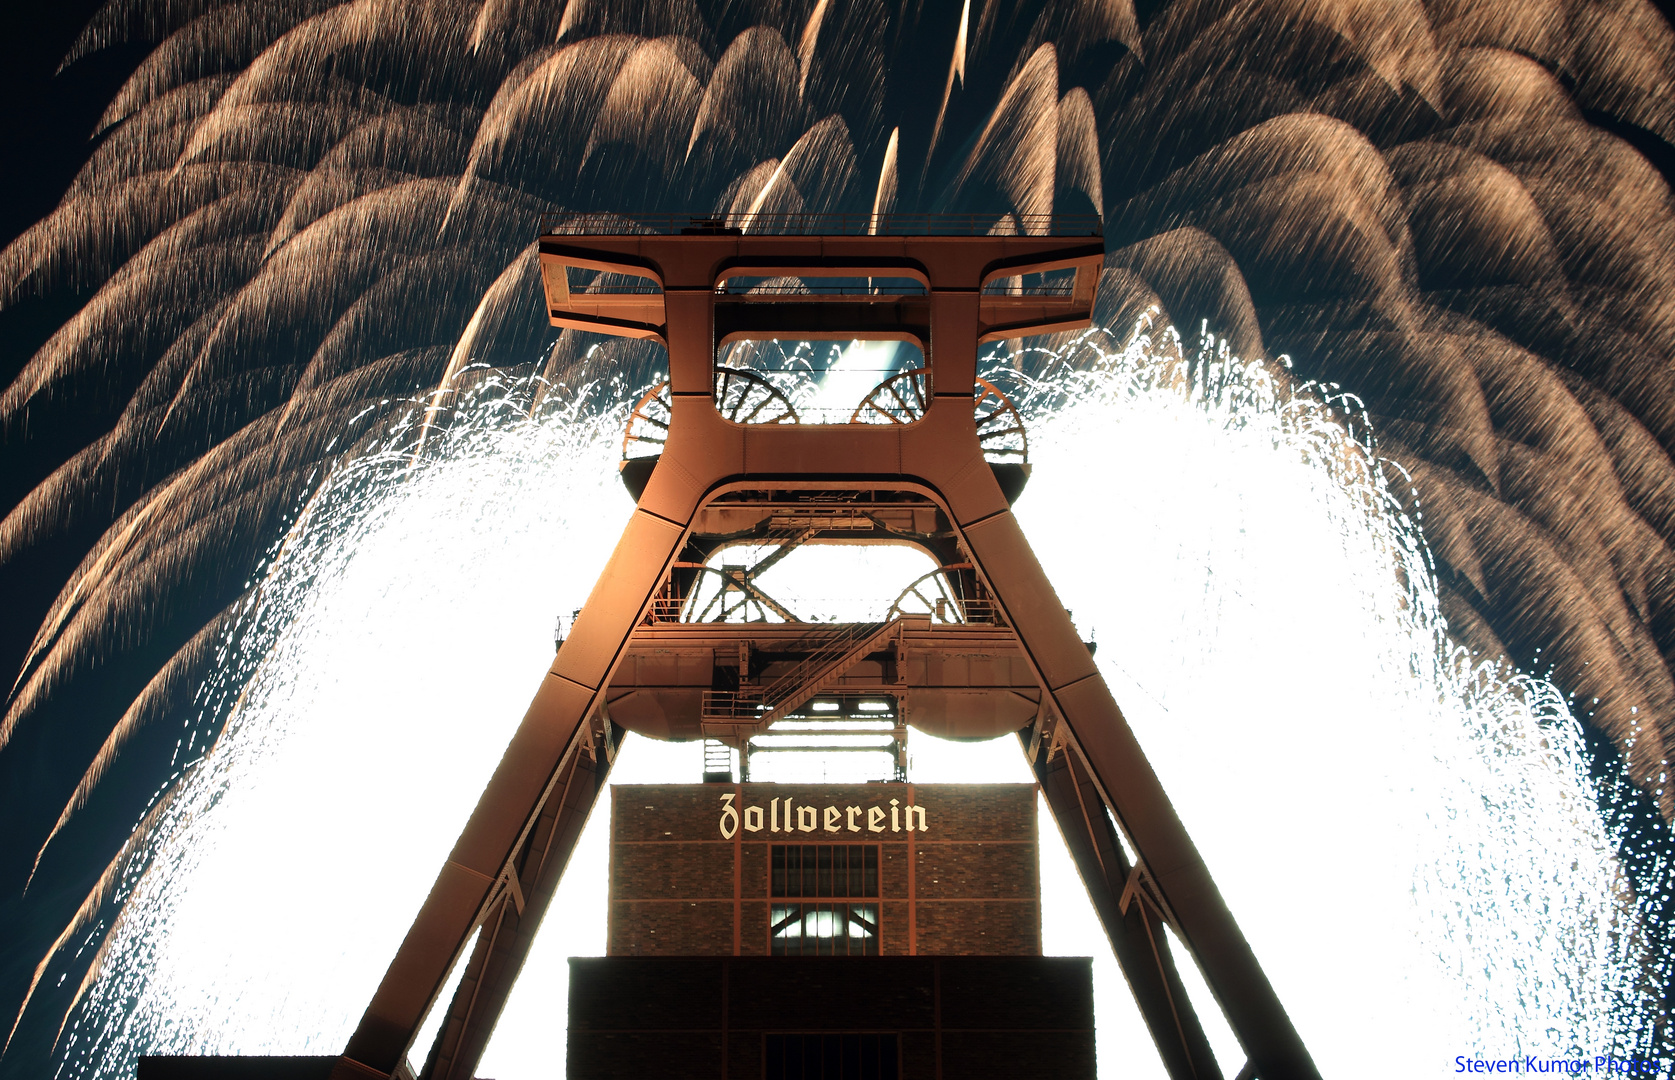 Nah am Finale - Zechenfest @ Zollverein 2013